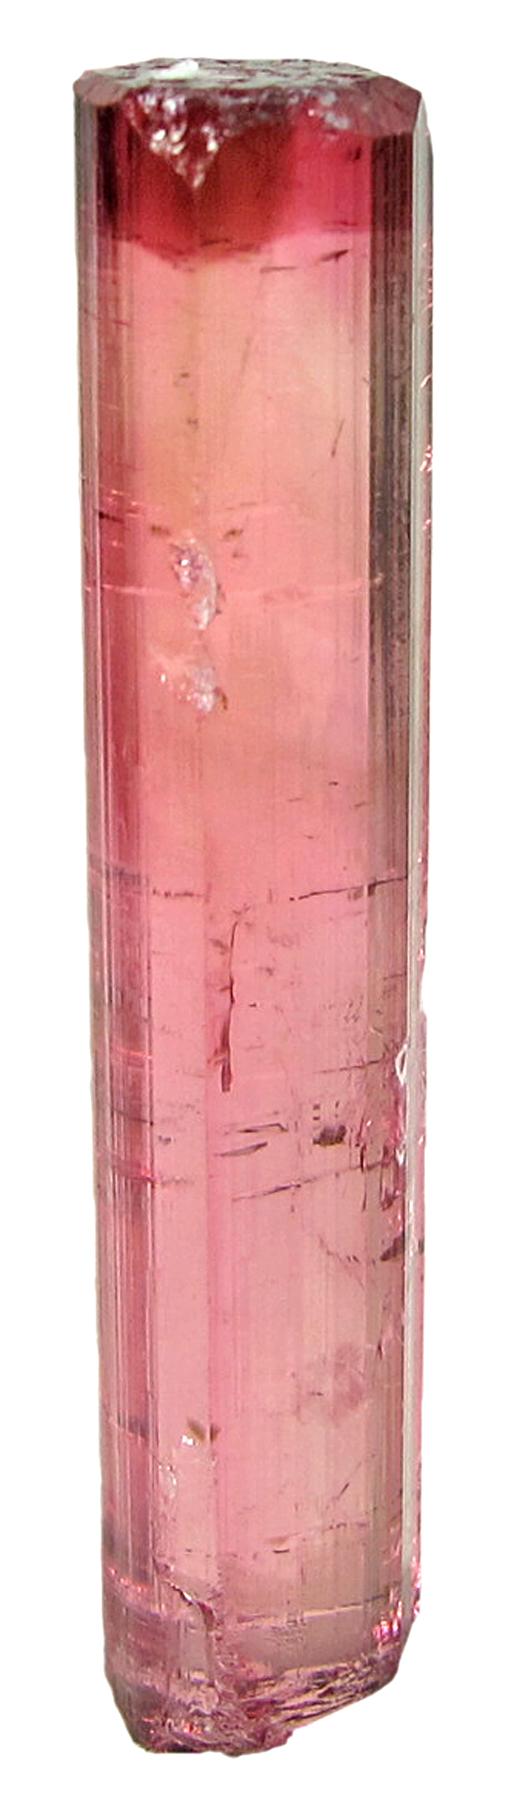 A limpid glassy gemmy rich raspberry red elbaite crystal bi pyramidal